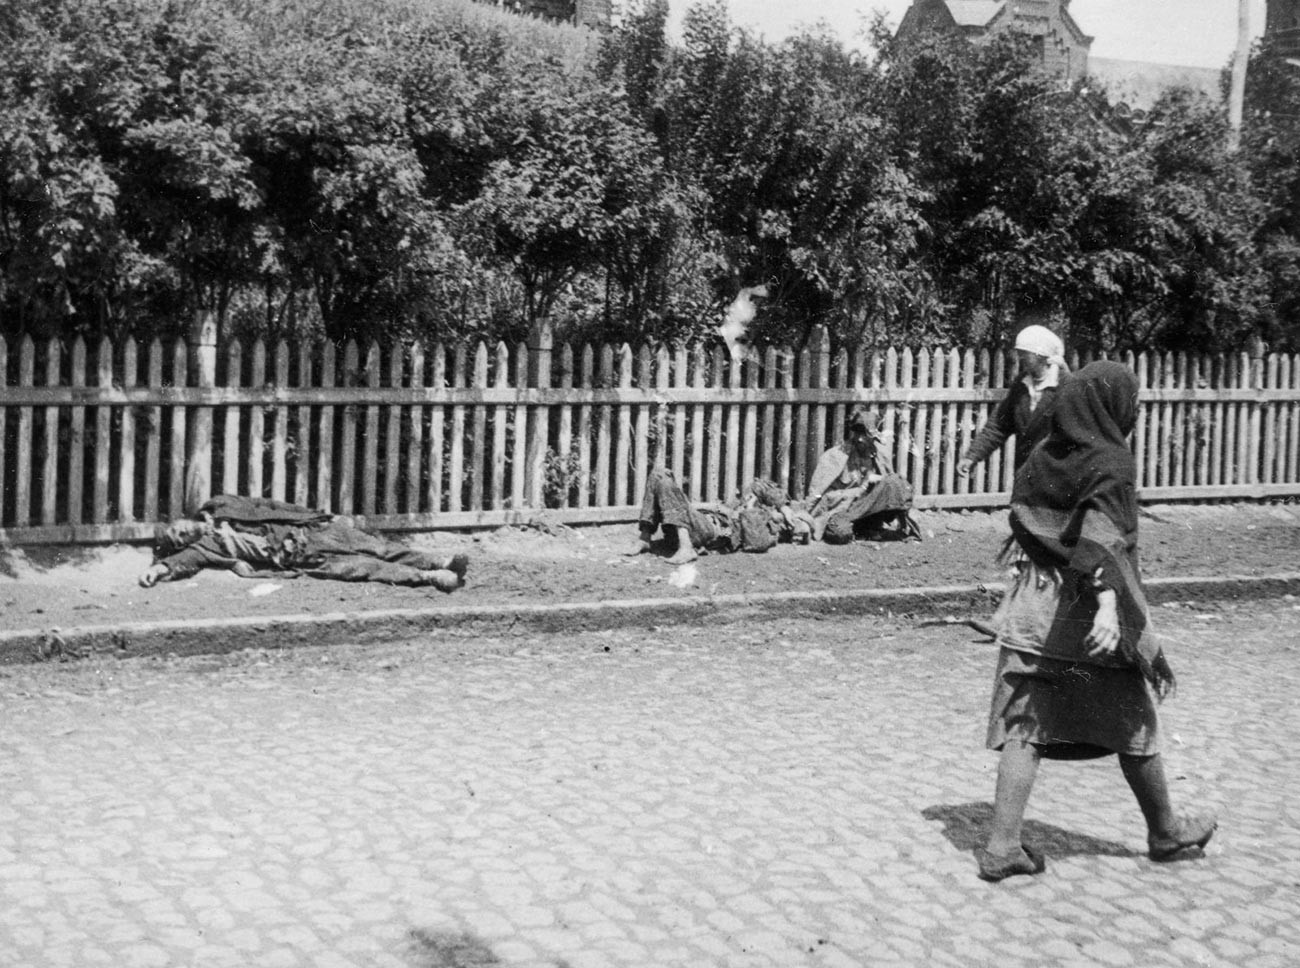 Petani tergeletak karena kelaparan di sebuah jalan di Kharkiv, 1933.